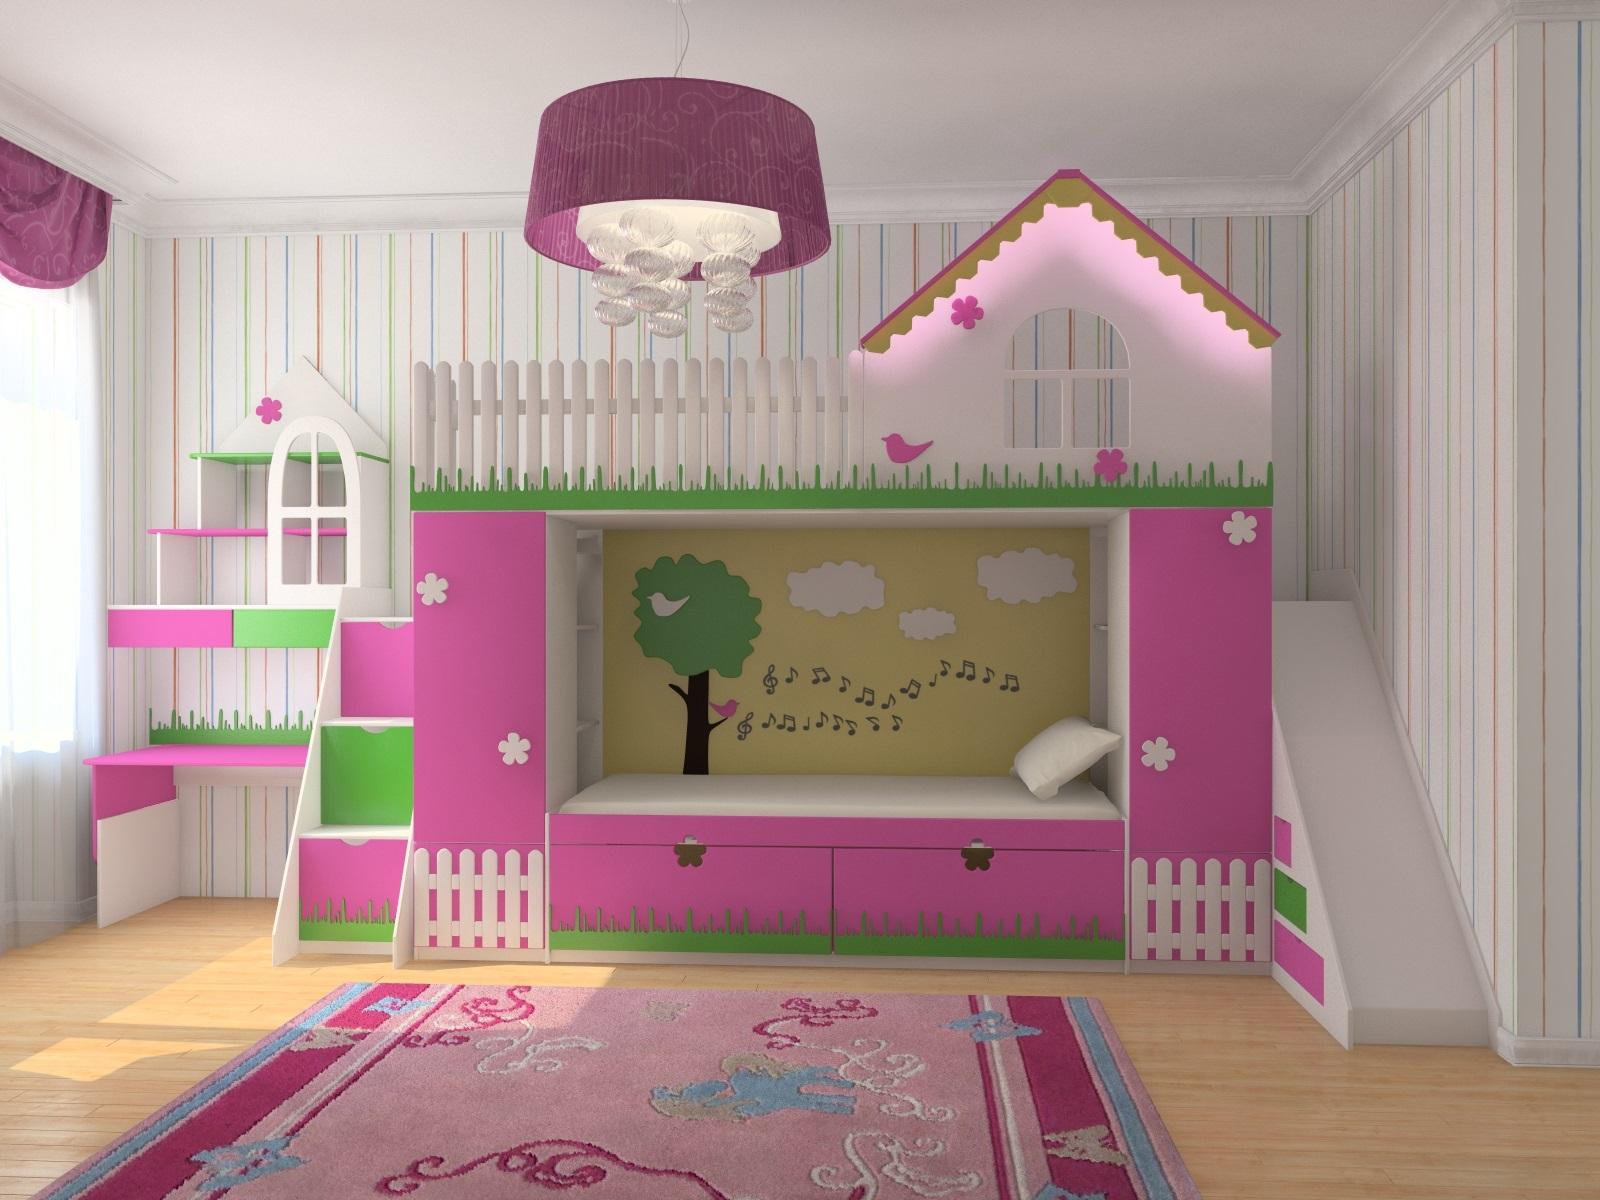 кровать-домик для детей с горкой